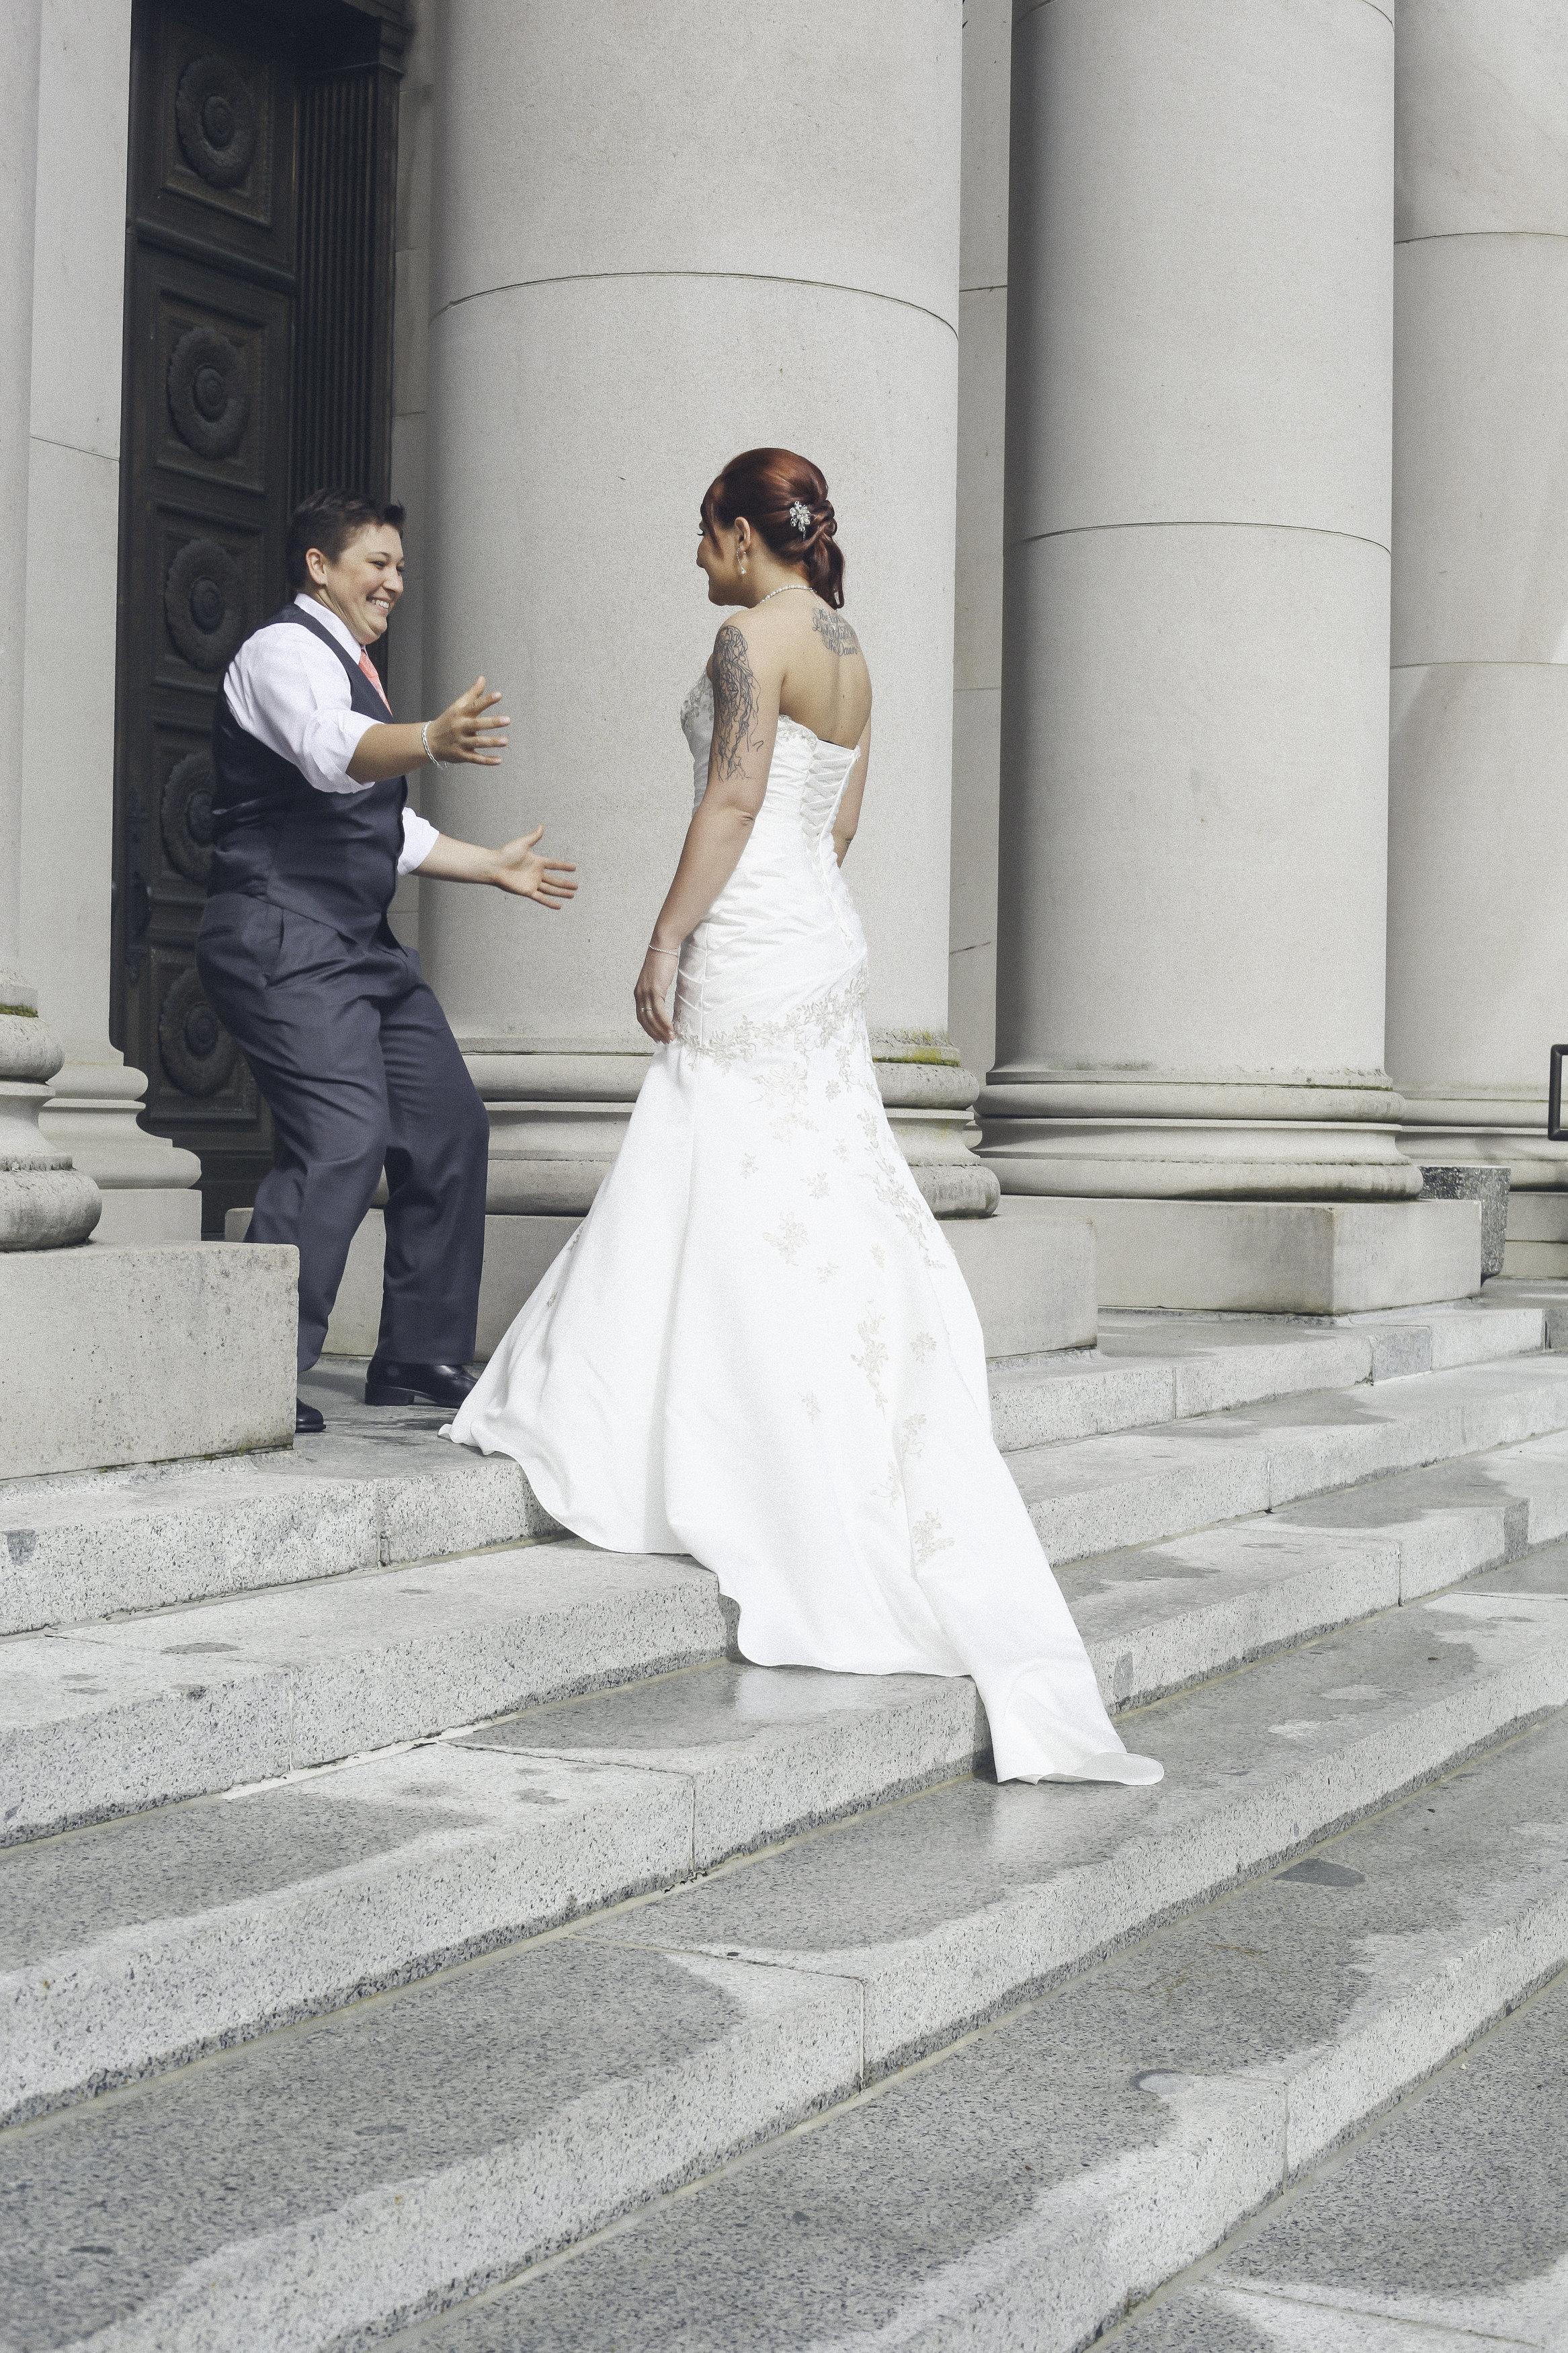 Devon Sara Married-Devon Sara-0041.jpg